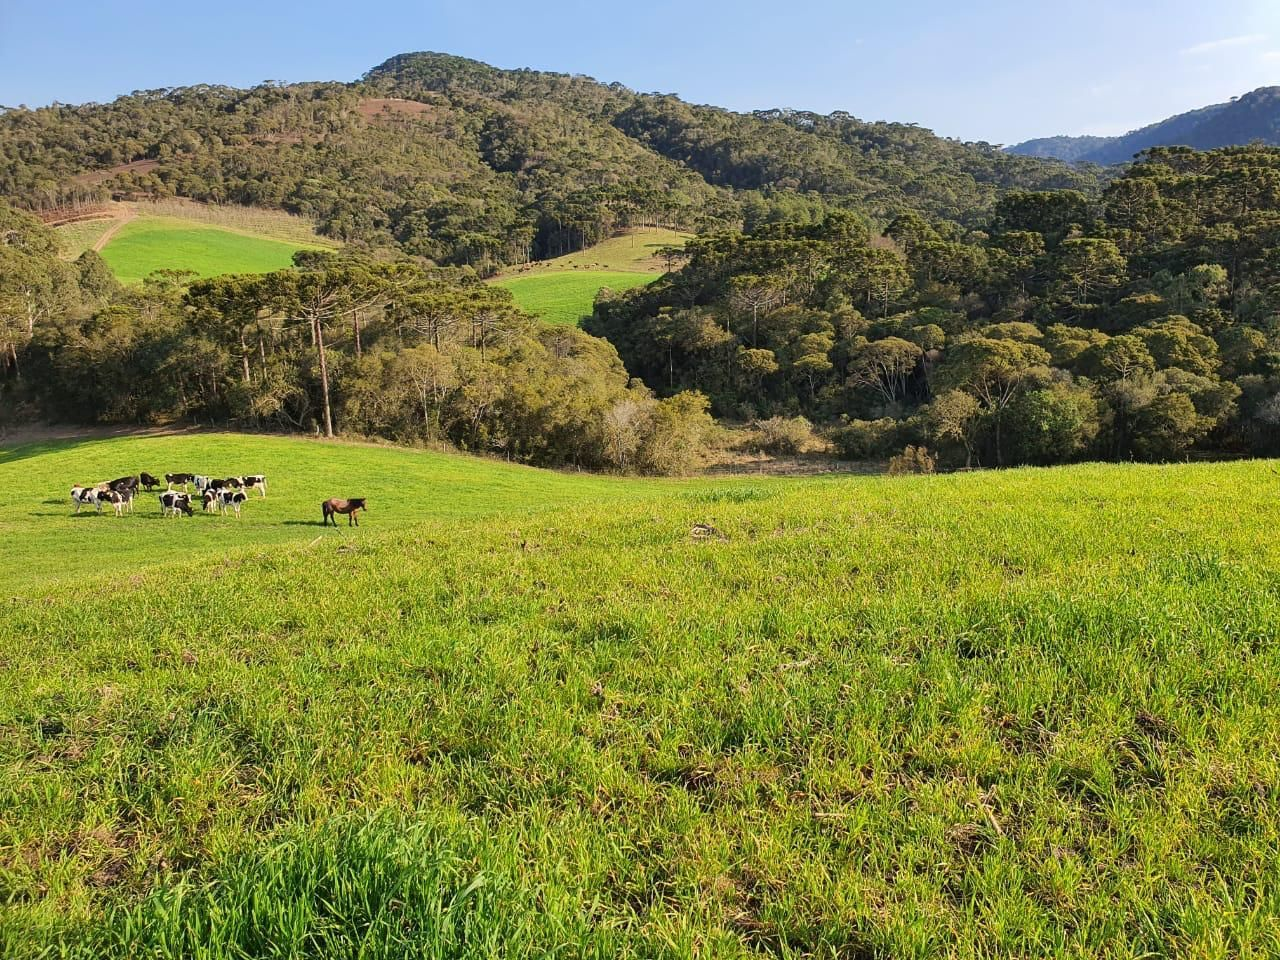 Fazenda/sítio/chácara/haras à venda  no Zona Rural - Urubici, SC. Imóveis